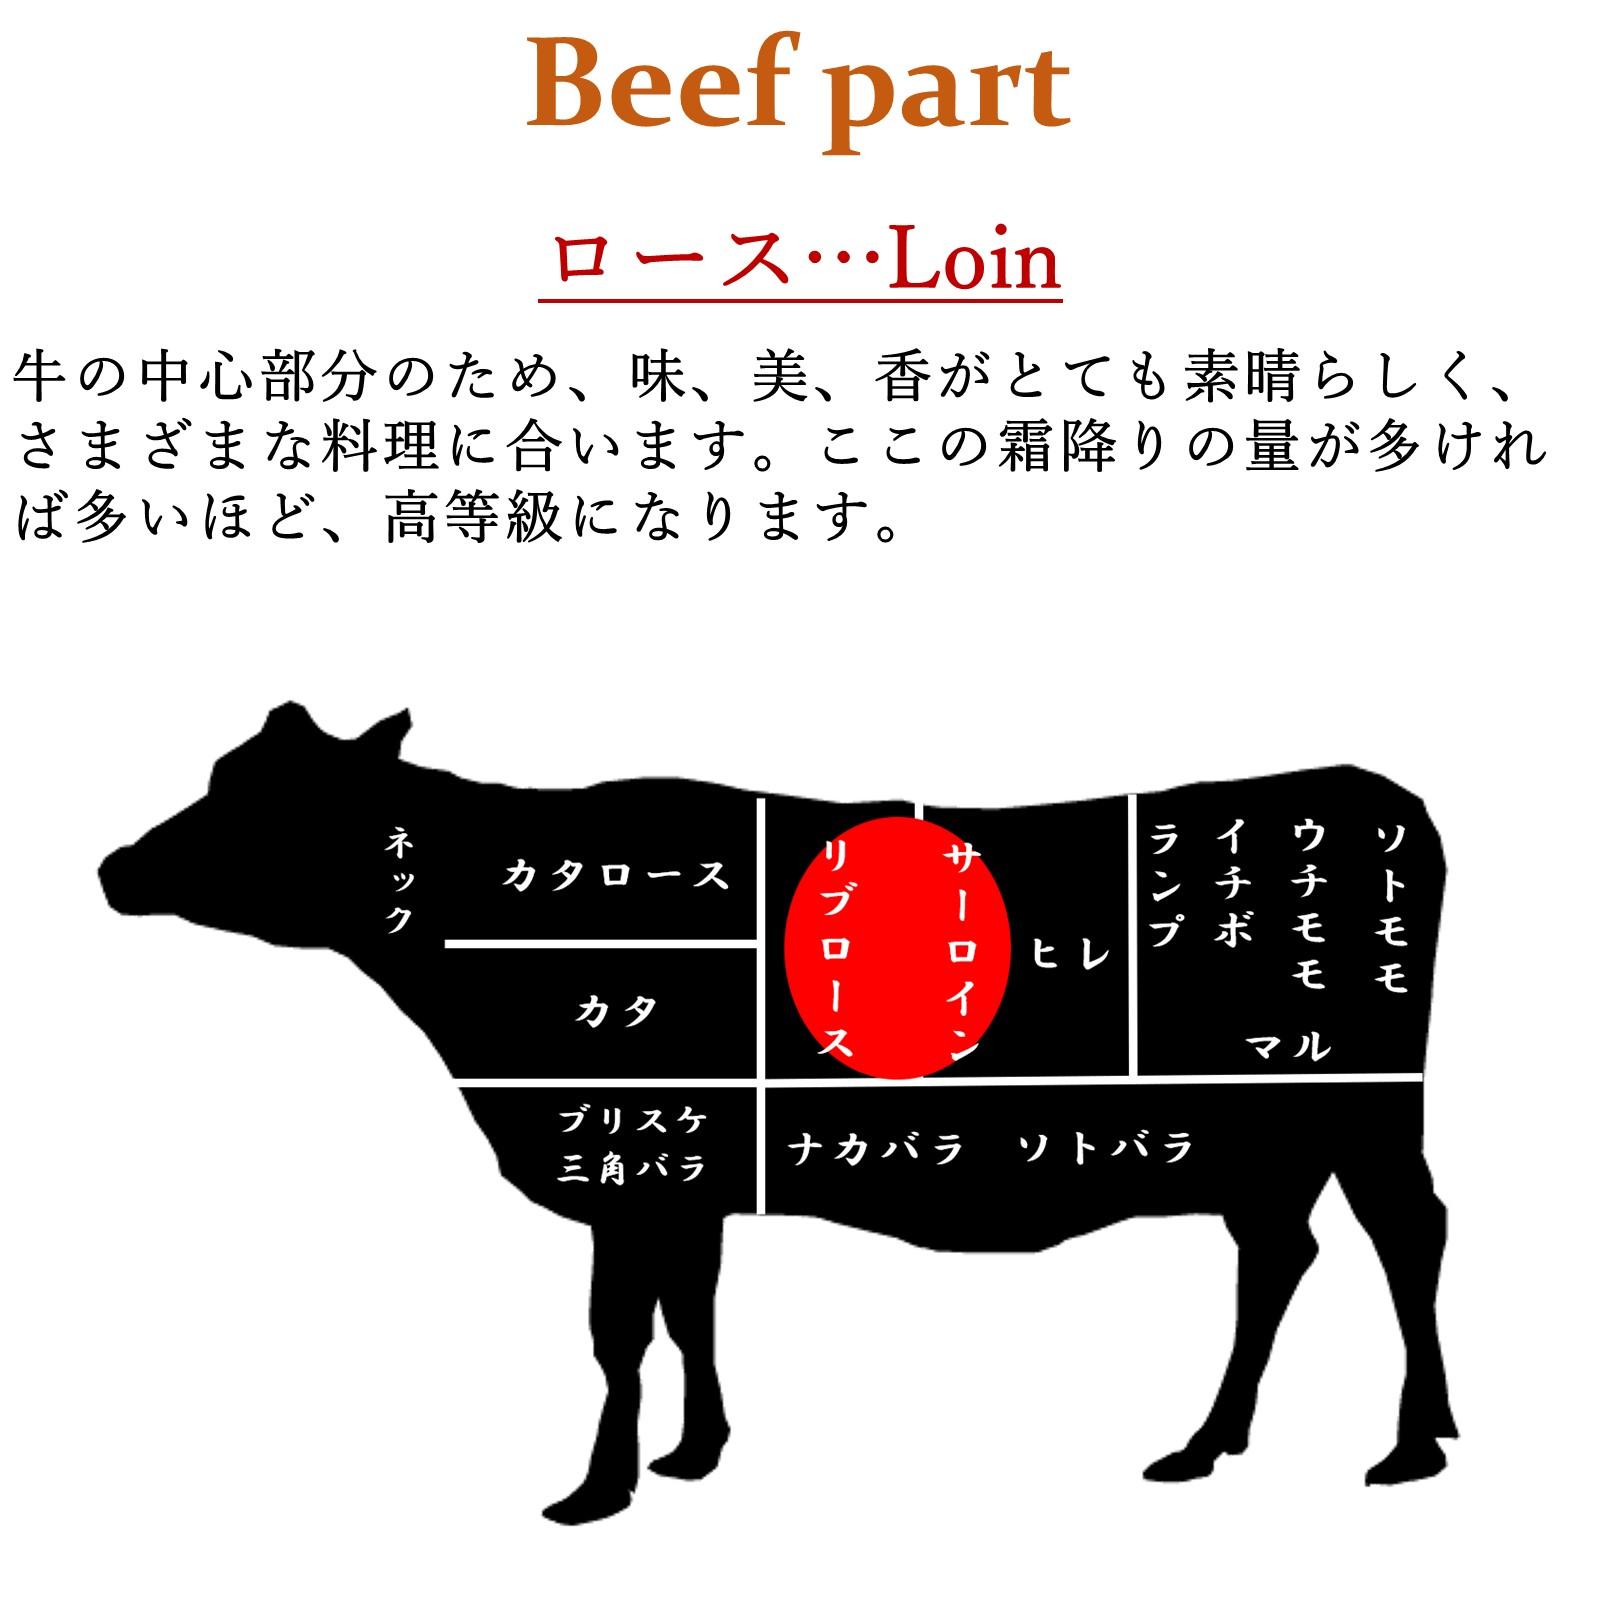 氷温熟成 黒毛和牛すき焼き・しゃぶしゃぶ用 ロース肉150g×2